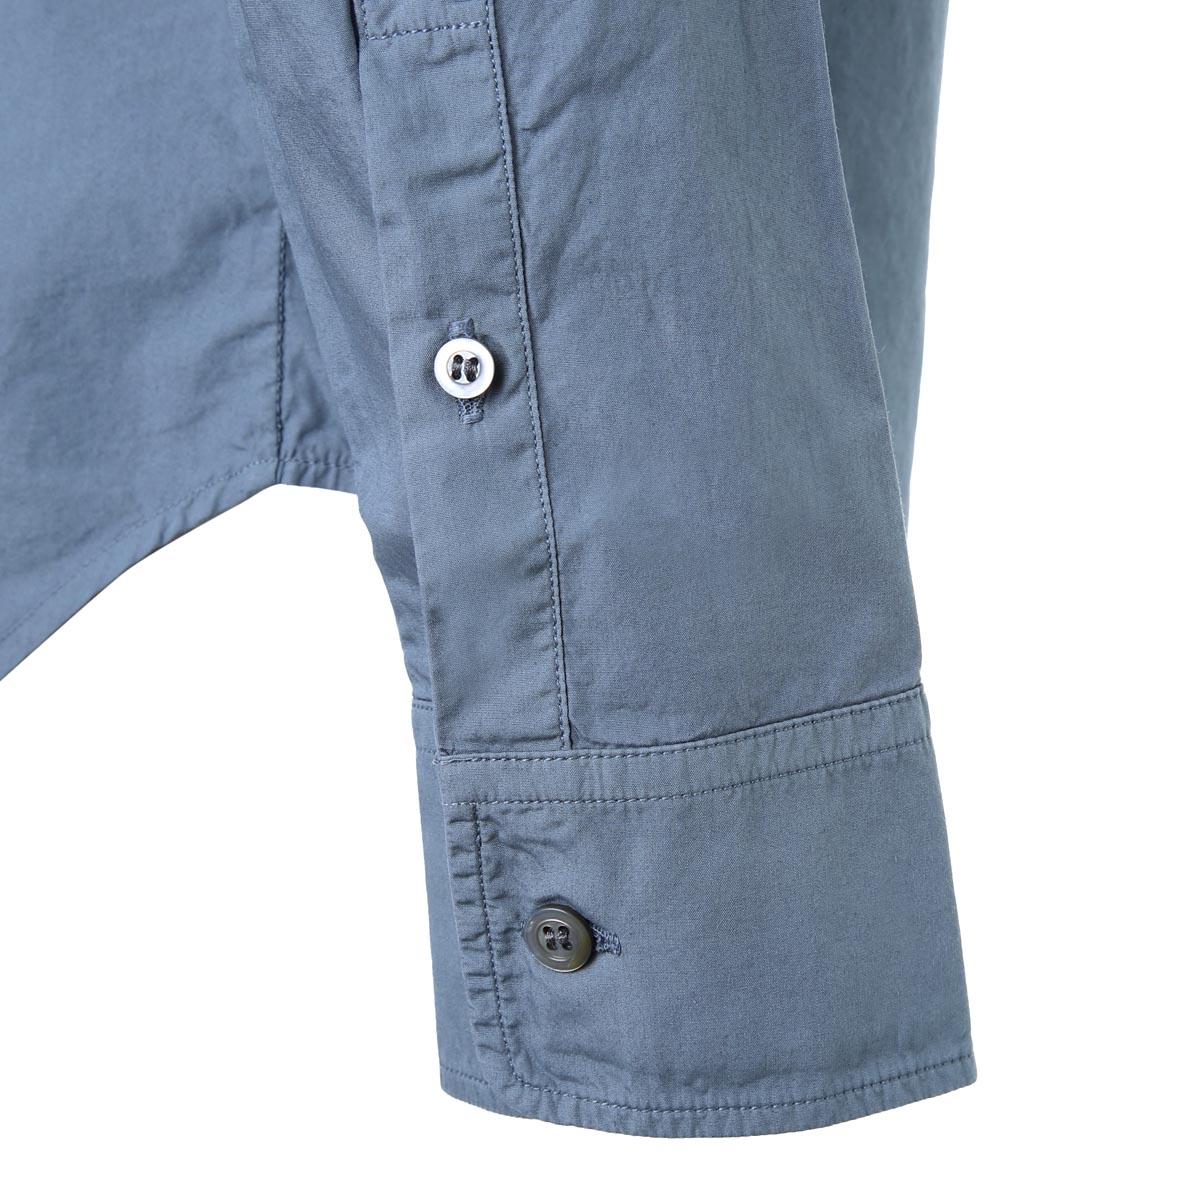 【タイムセール TOPS】Maison Margiela メゾンマルジェラ 長袖シャツ/CAMEO T-SHIRT 'MEMORY OF' POPLIN SHIRT メンズ